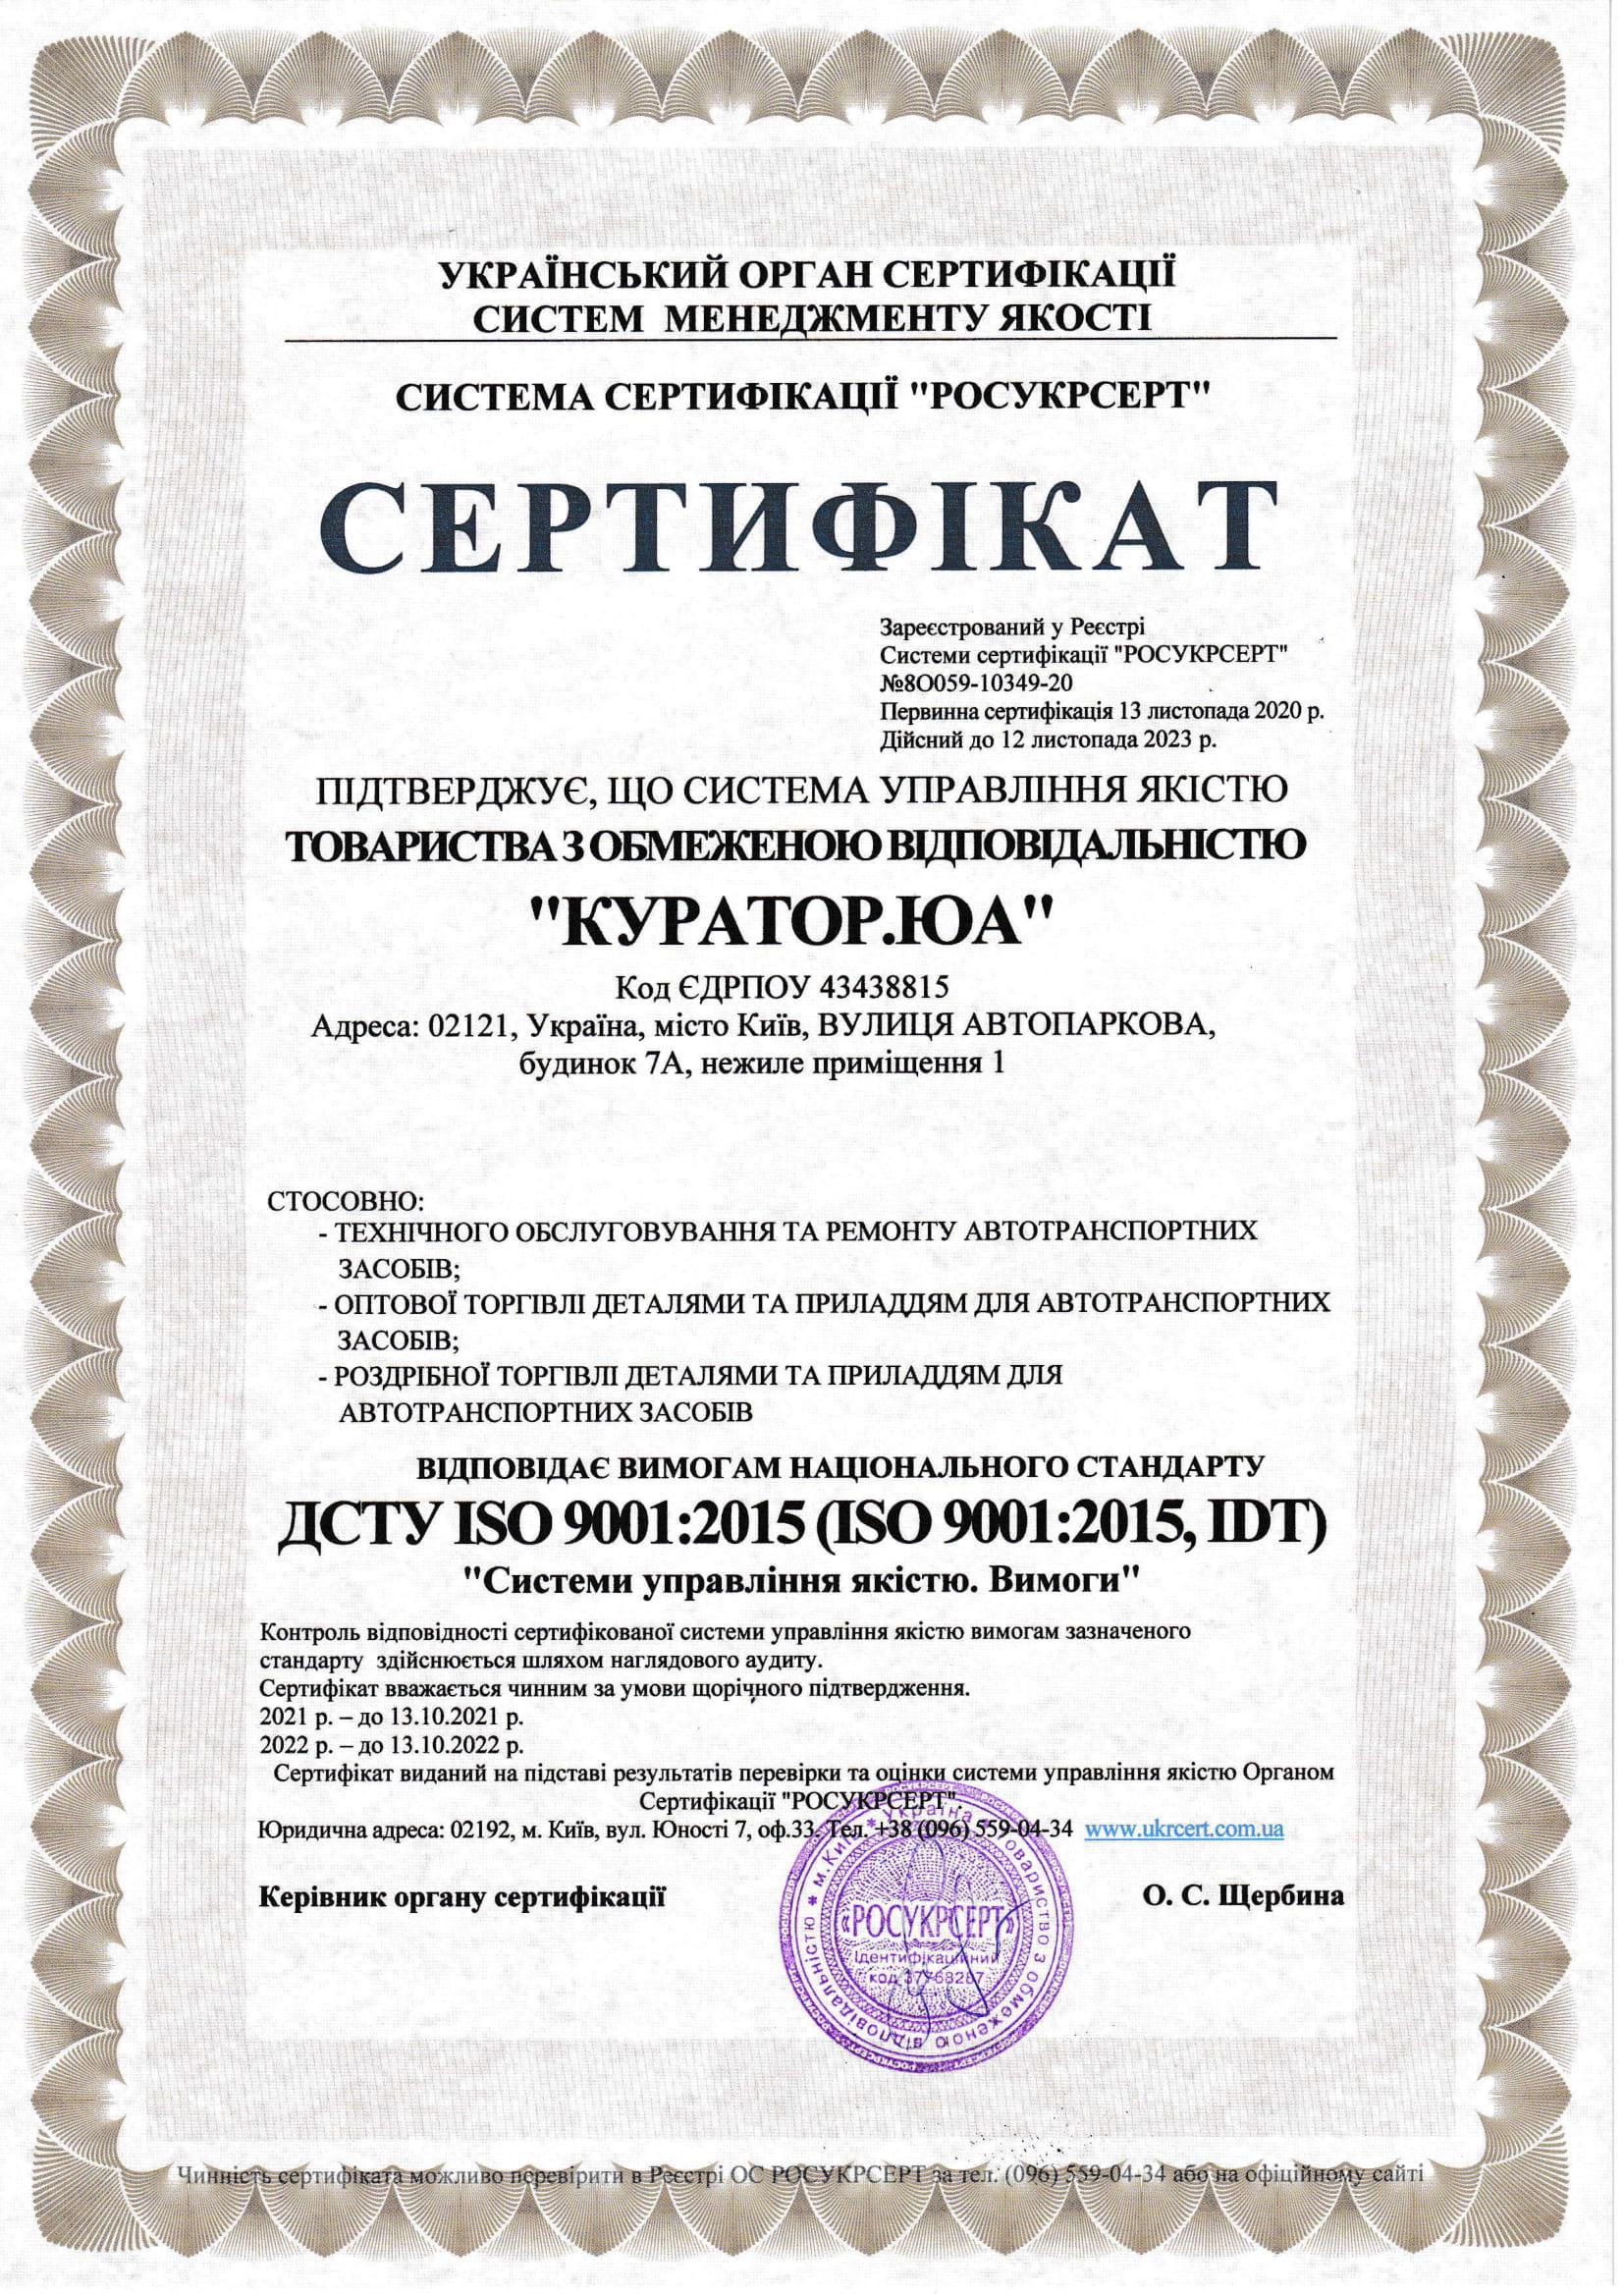 Сертификат качества ДСТУ ISO 9001:2015